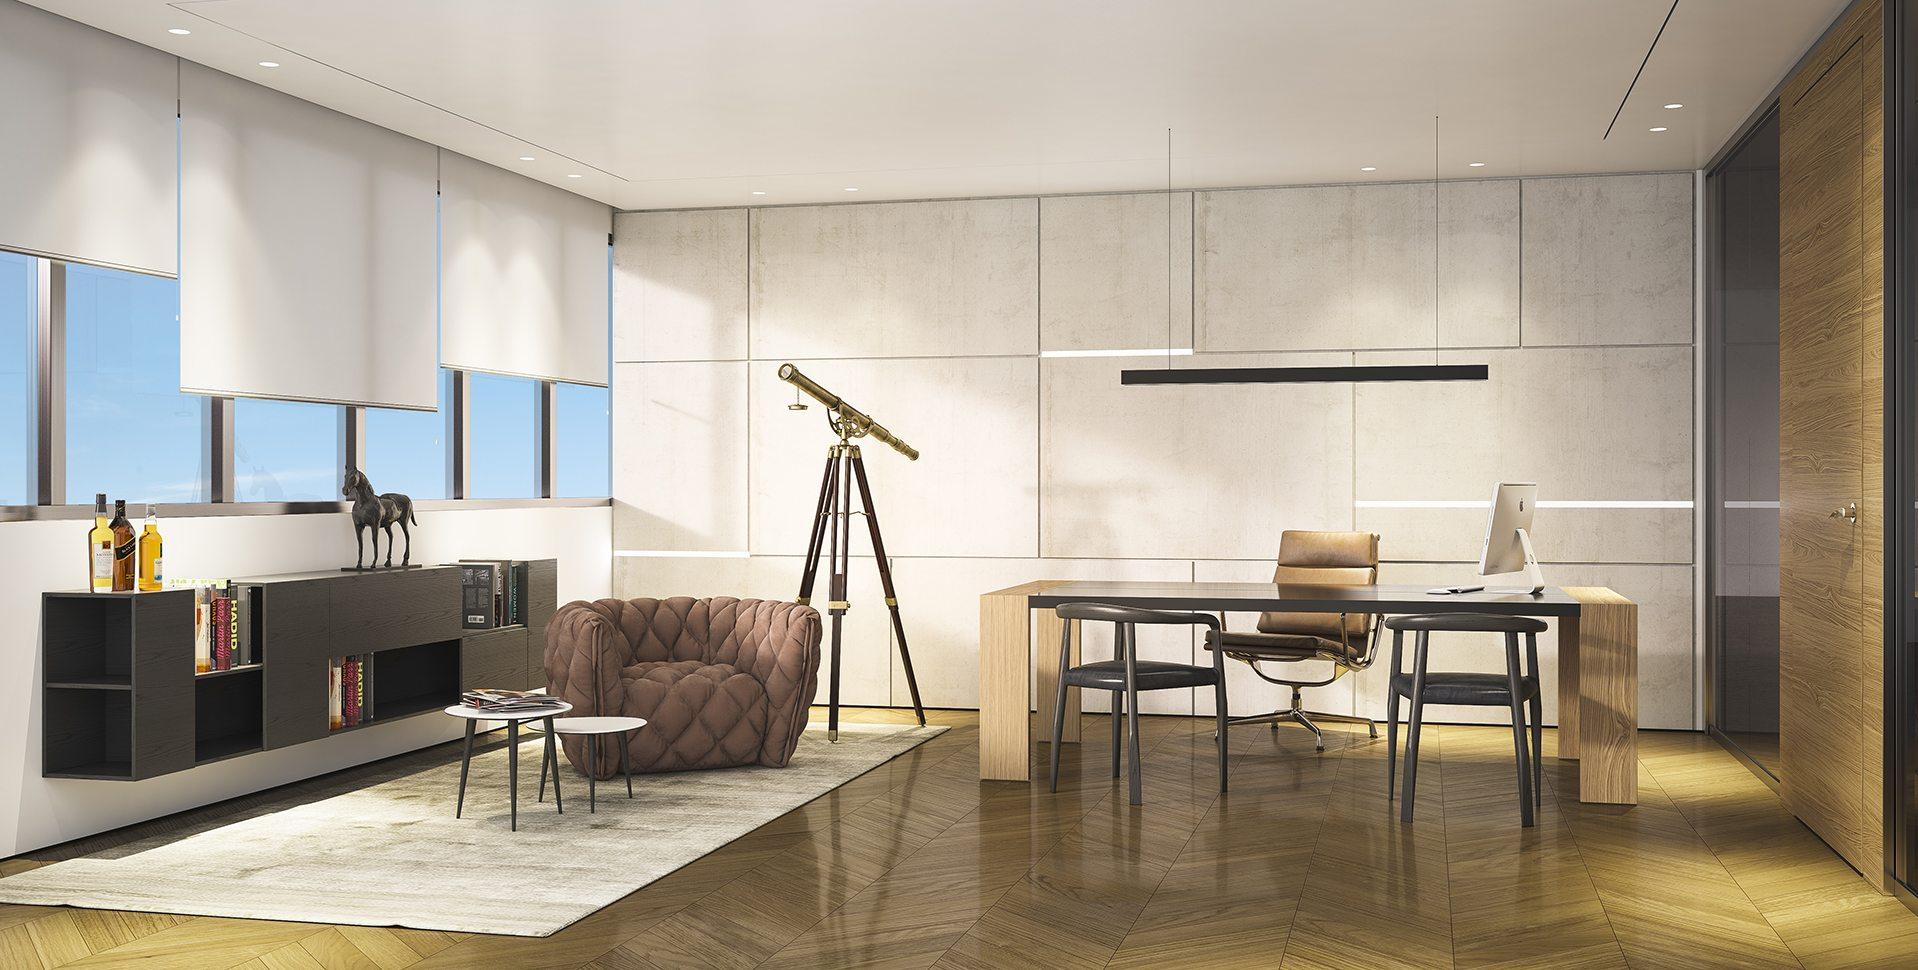 Architectural Visualization: CEO Office Interior Design